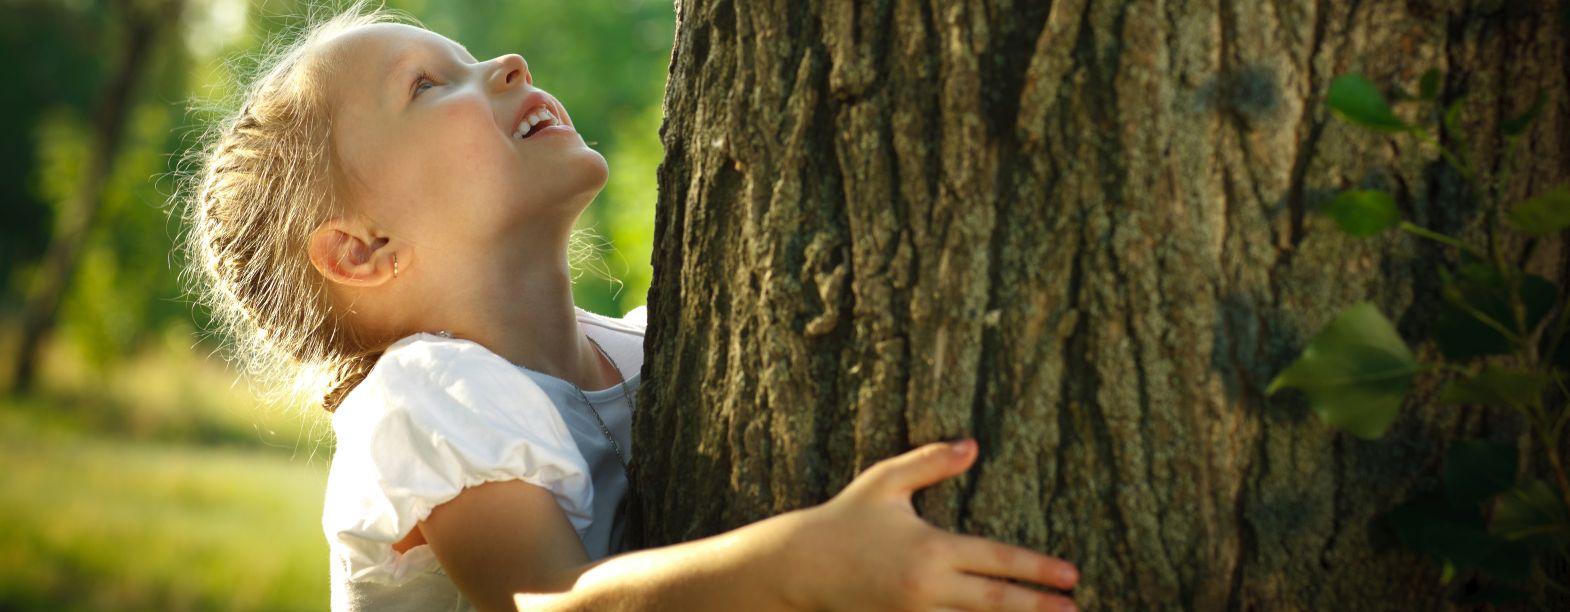 Unsere Leistungen - werden Sie Mitglied der Forstkammer!